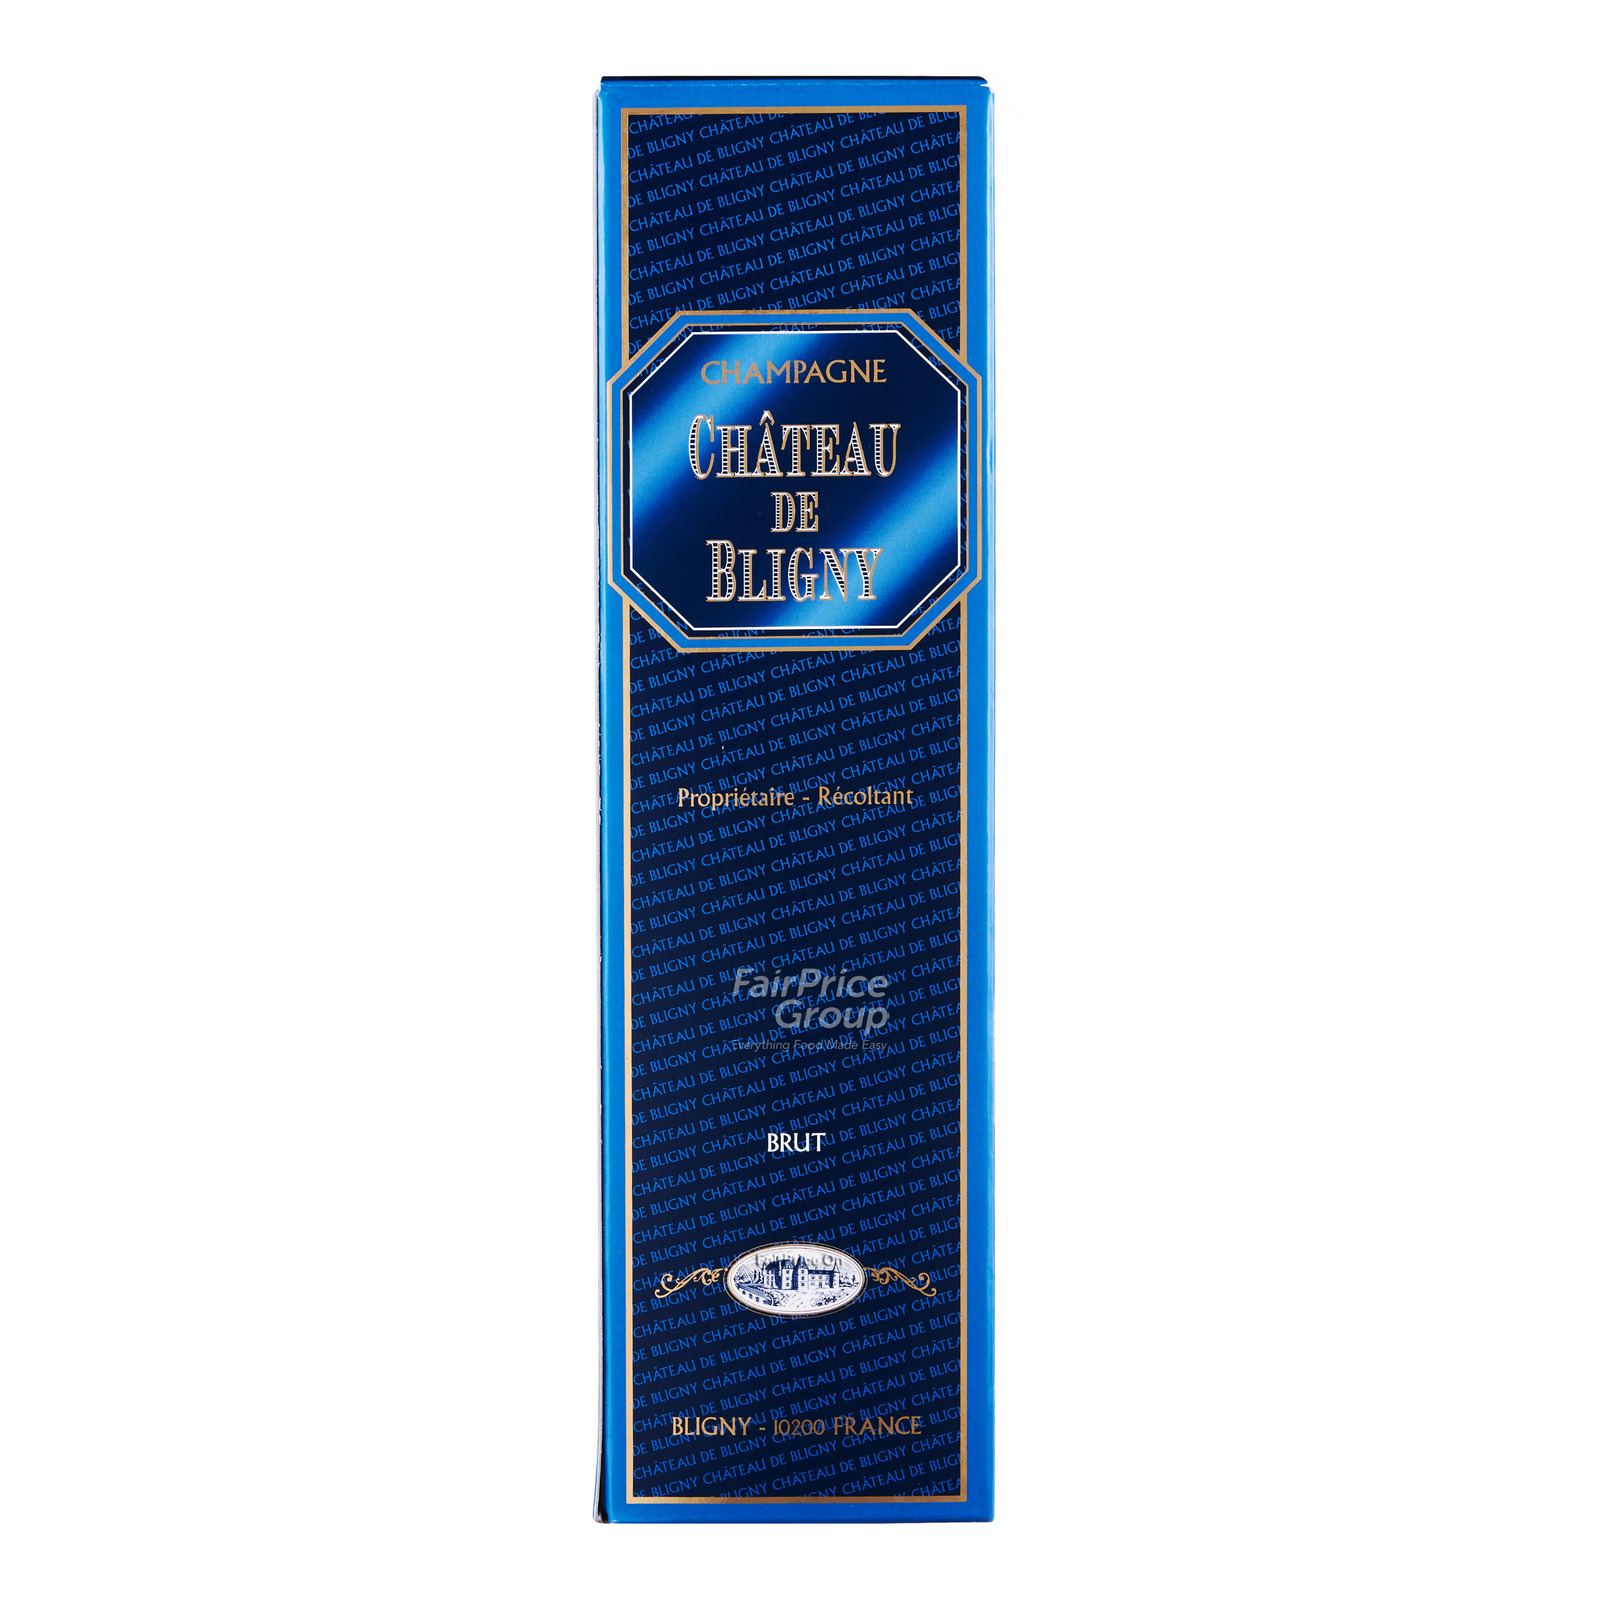 Chateau de Bligny Sparkling Wine - Grande Reserve Brut